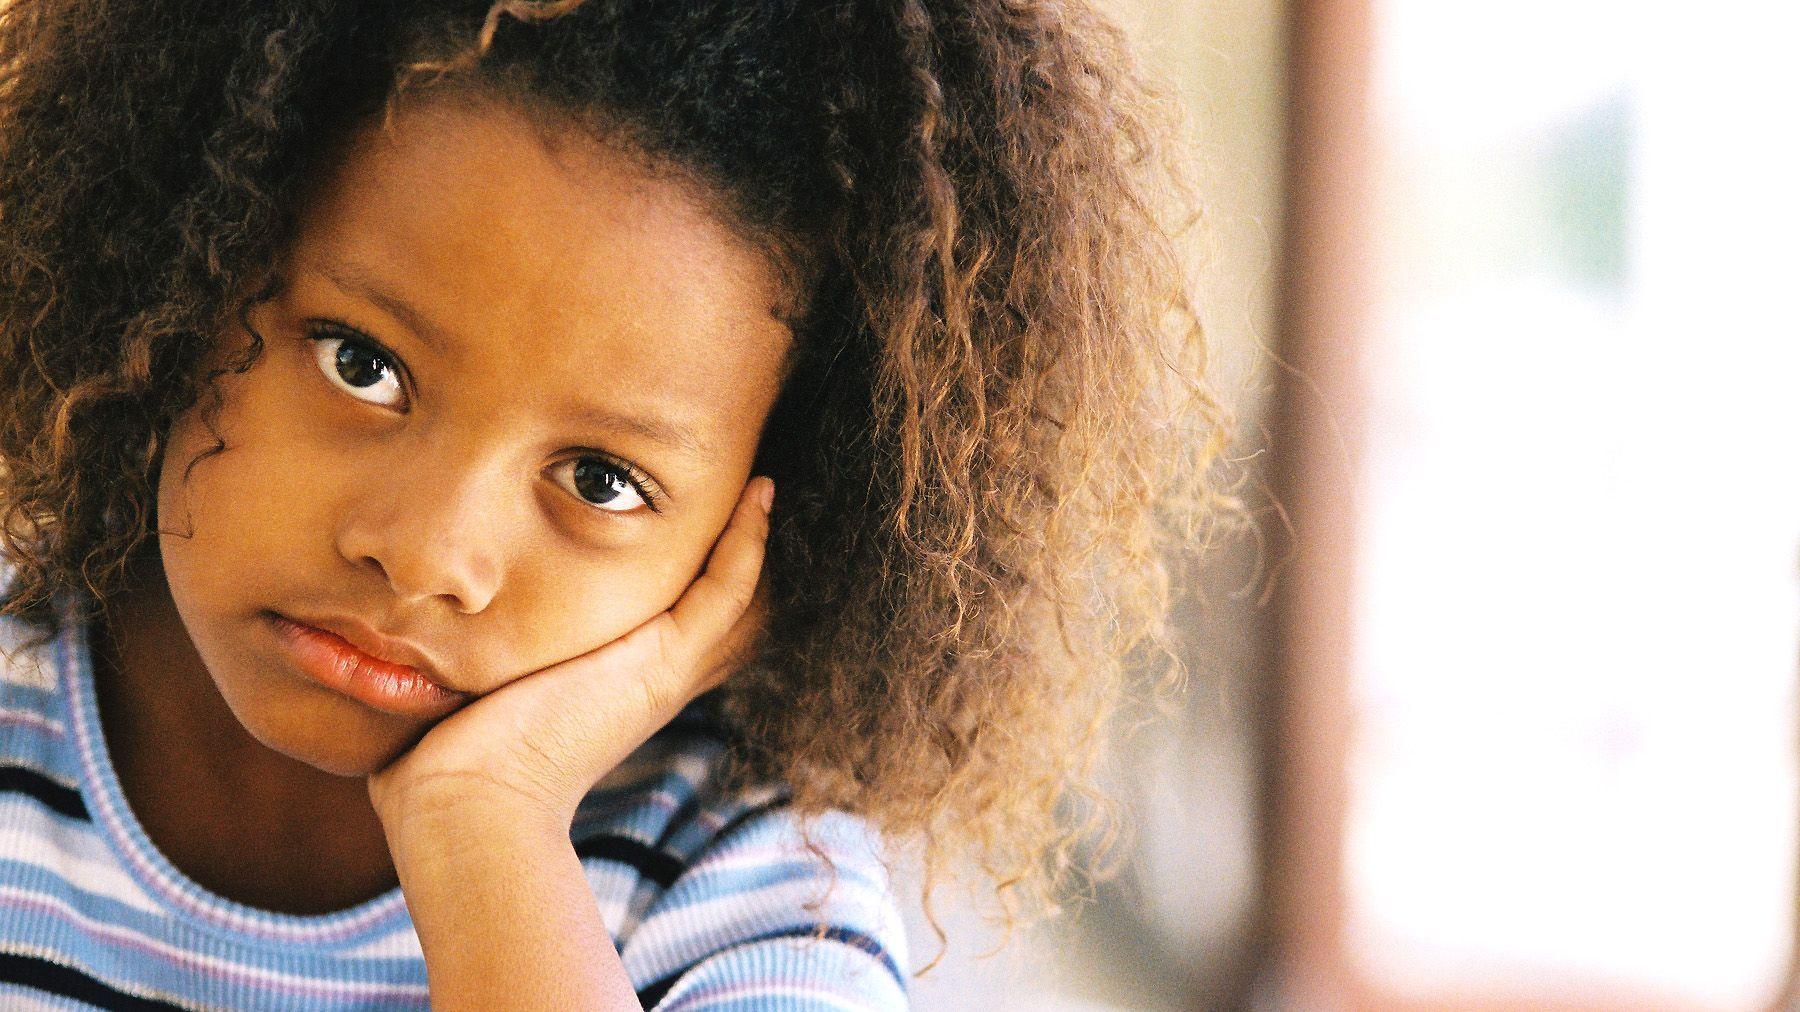 Sad of children pictures